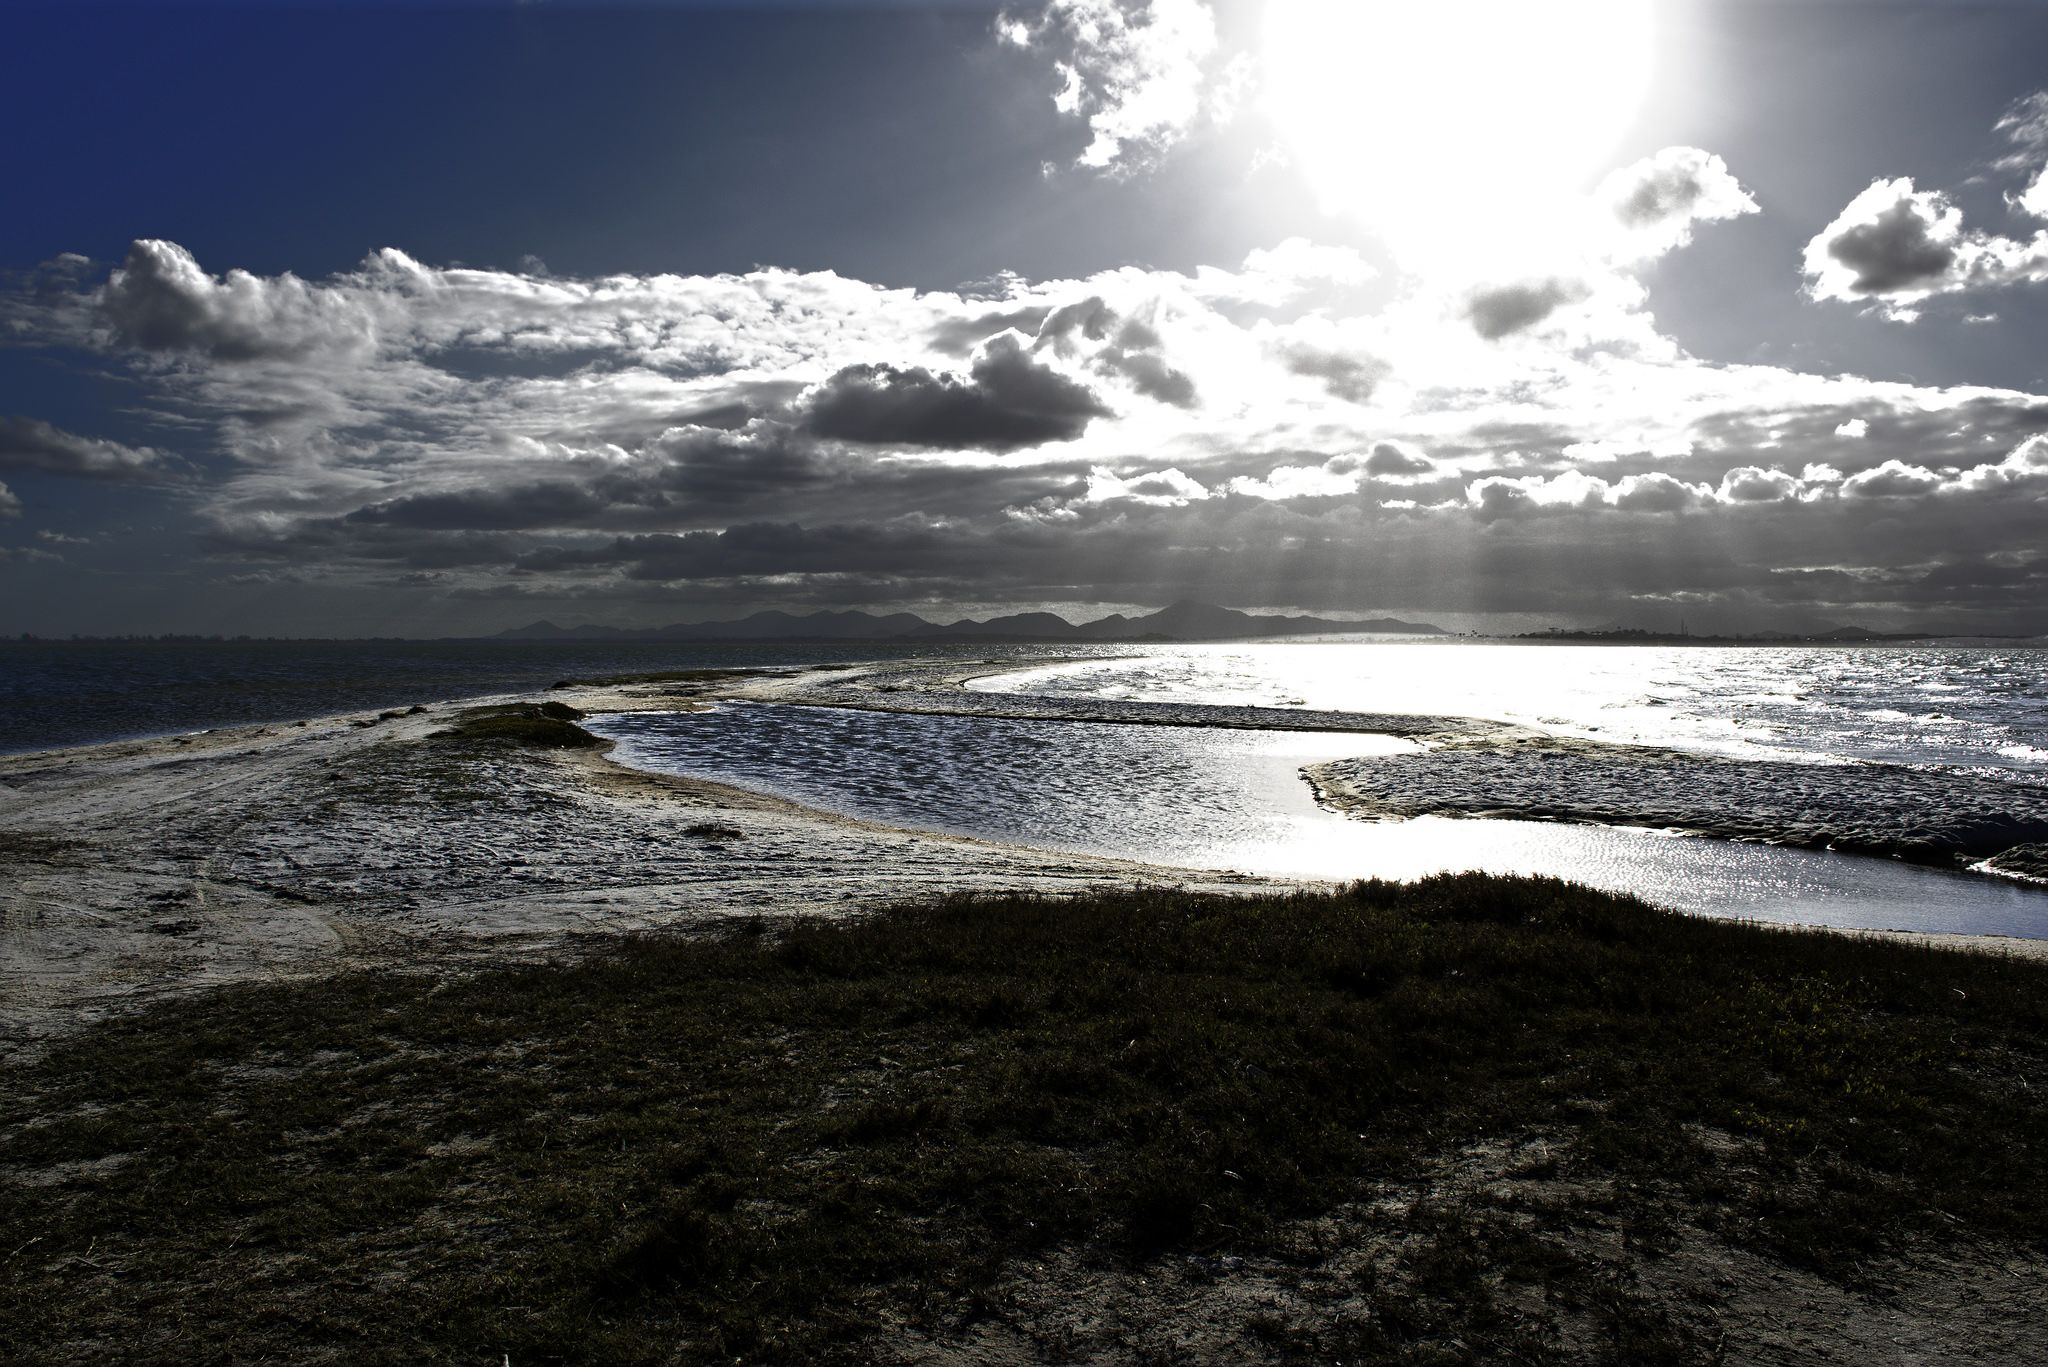 https://flic.kr/p/xnqPnK | Lagoa de Araruama | Praia Seca - Araruama-RJ